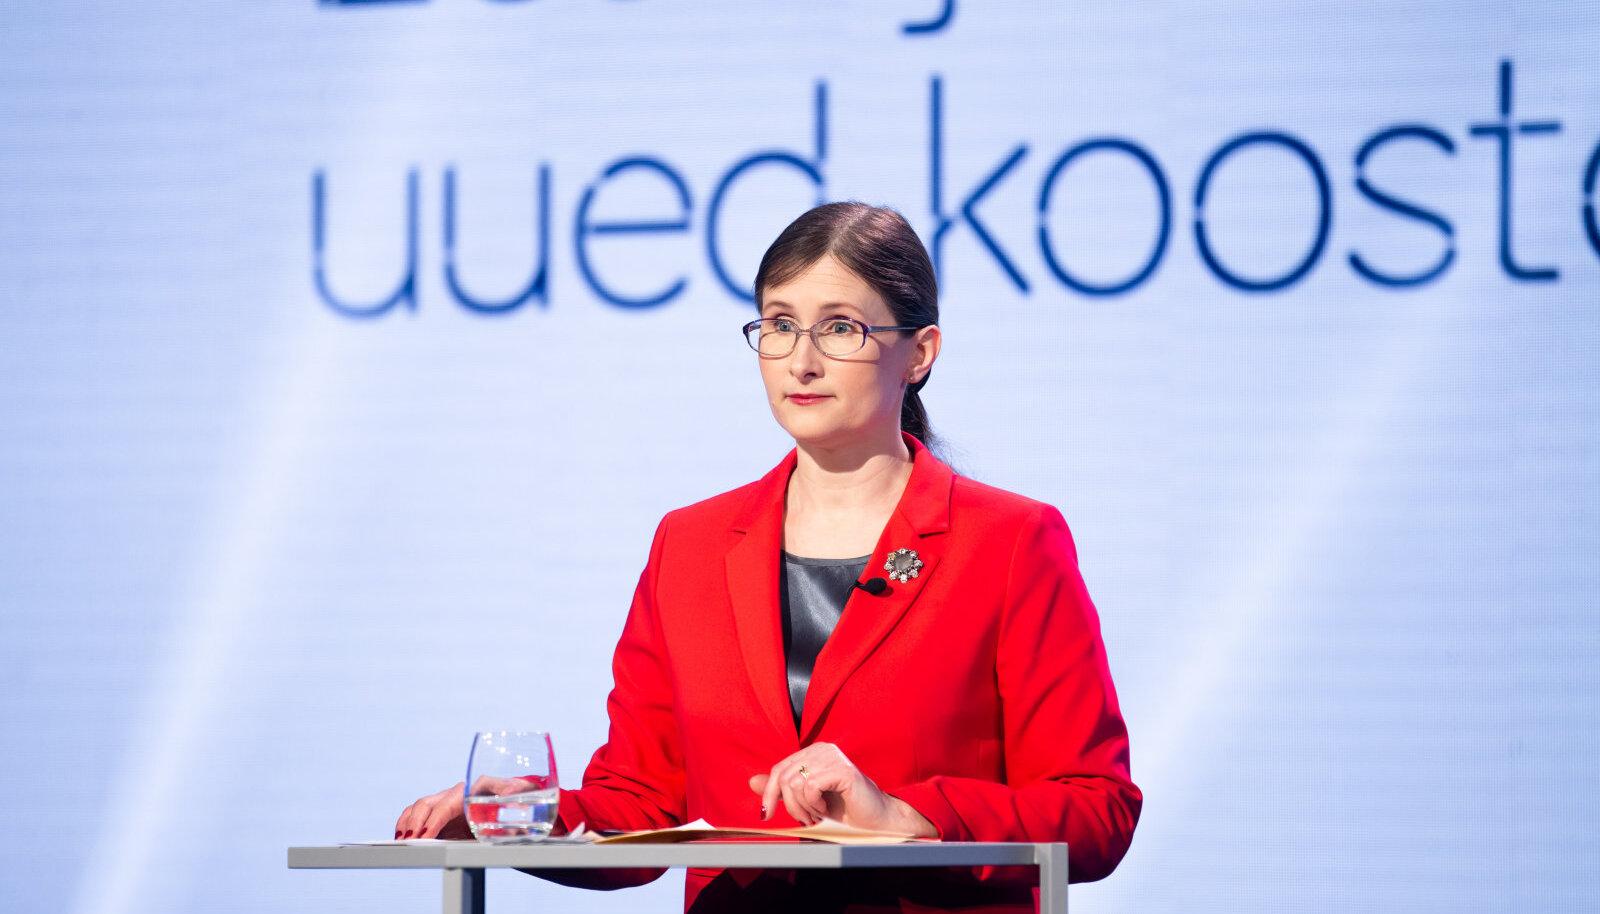 Tiina Kallasmaa